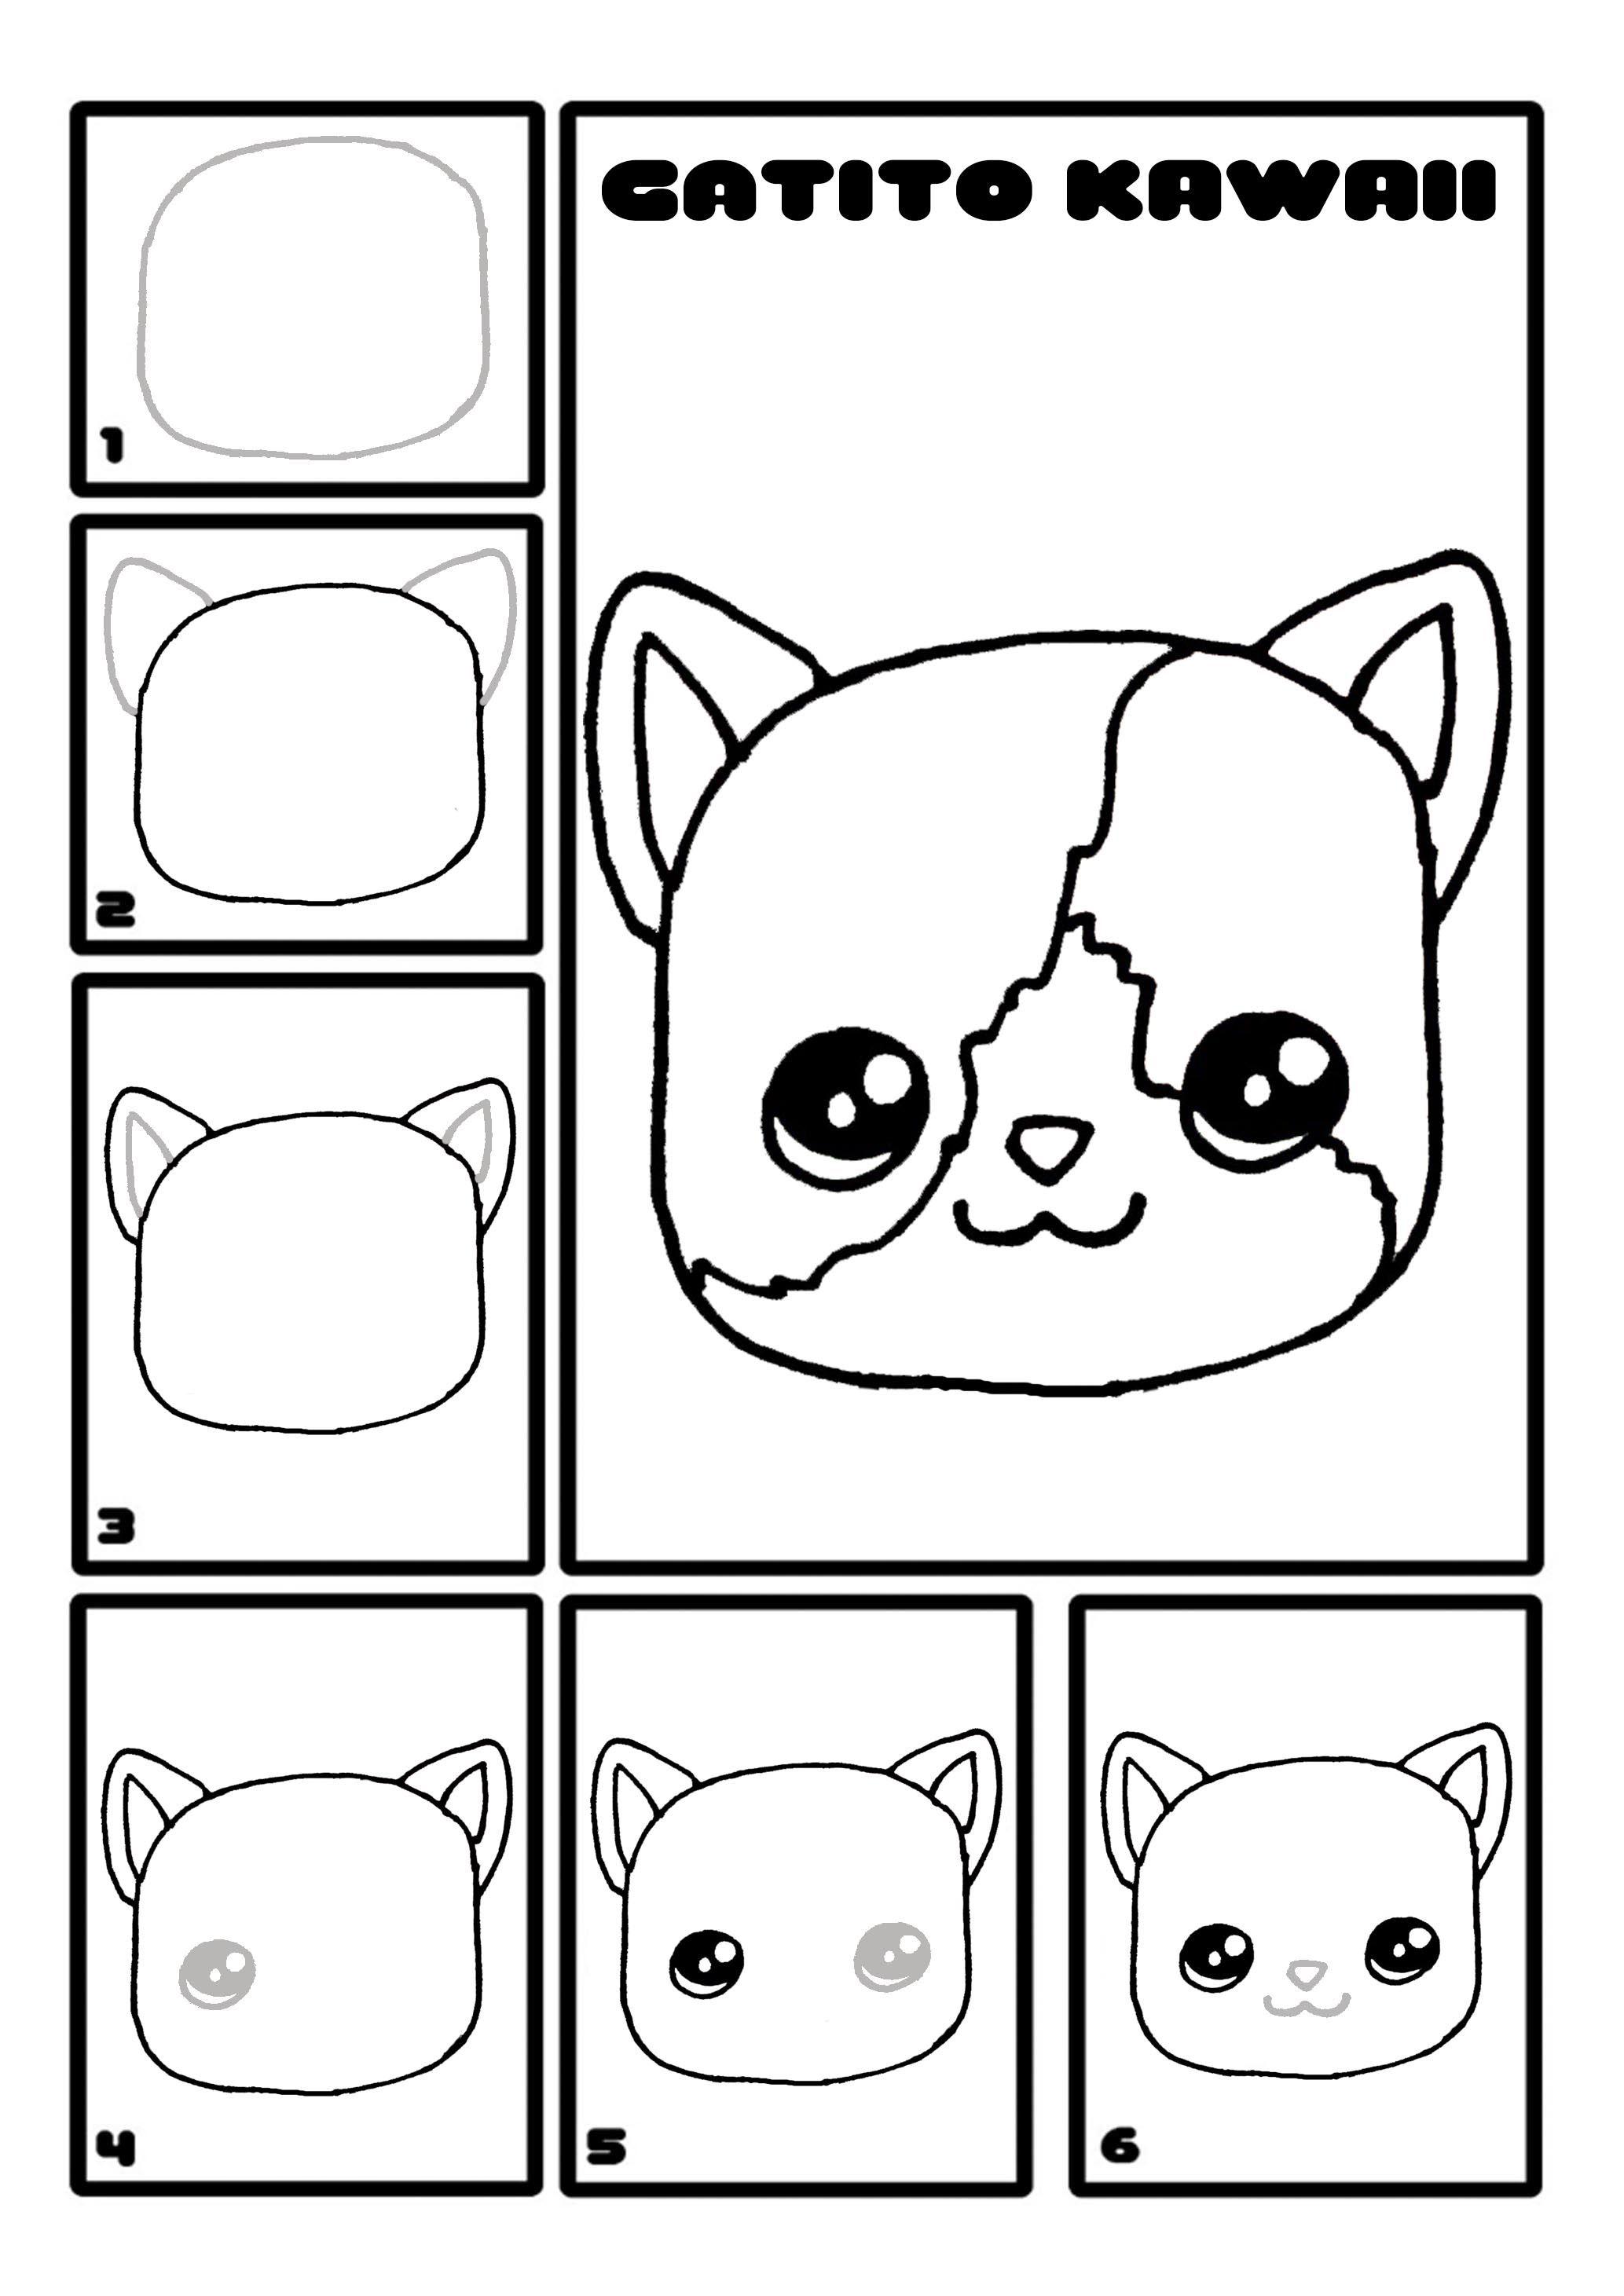 Como Dibujar Un Gato Kawaii Paso A Paso Drawings